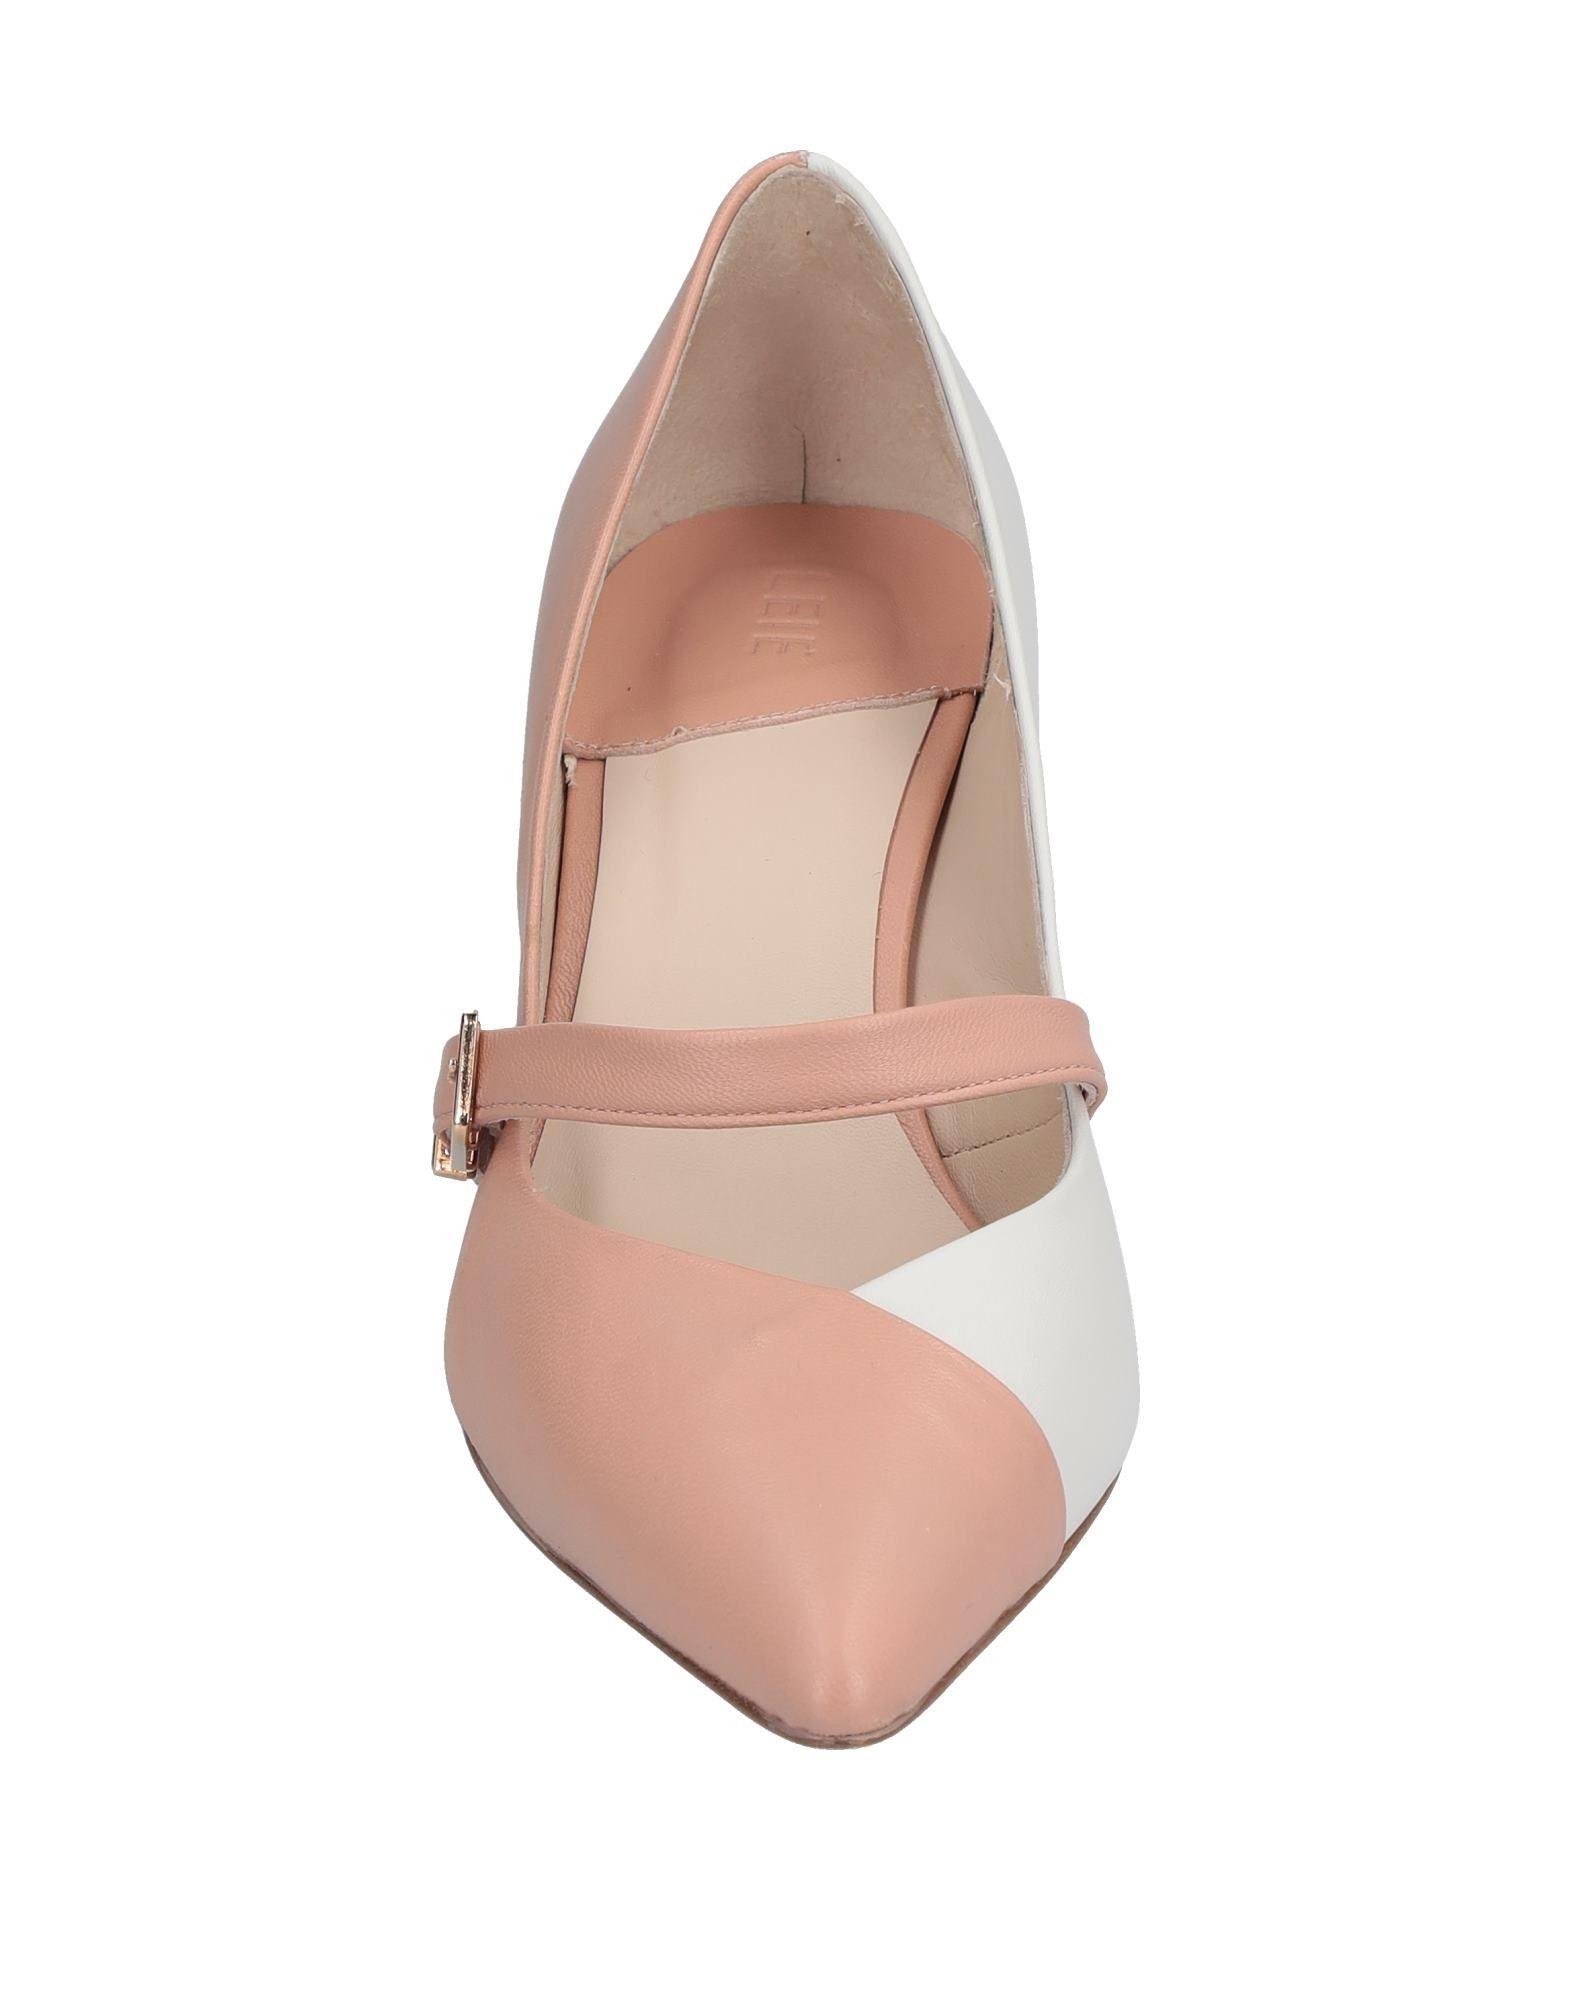 Leie Pumps Damen  11534146VT Schuhe Gute Qualität beliebte Schuhe 11534146VT a77e52